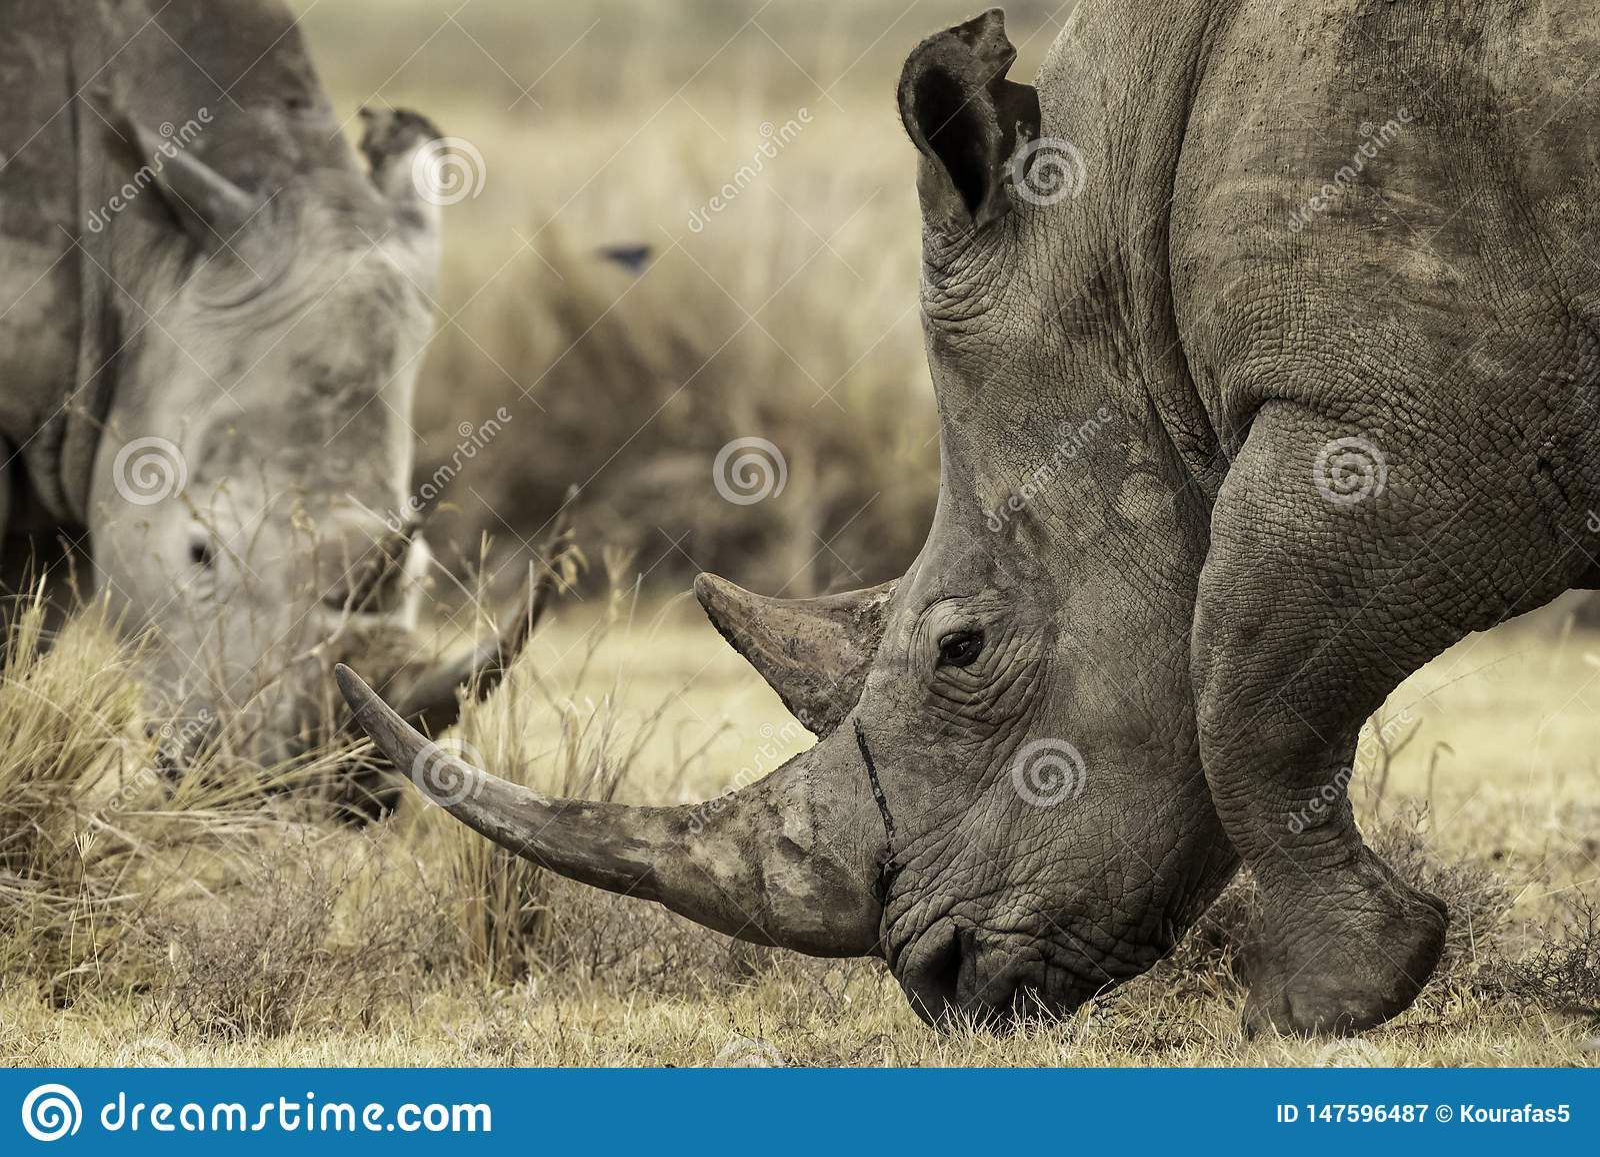 White Rhinoceros grazing the land in Lake Nakuru, Kenta Africa,Ceratotherium simum